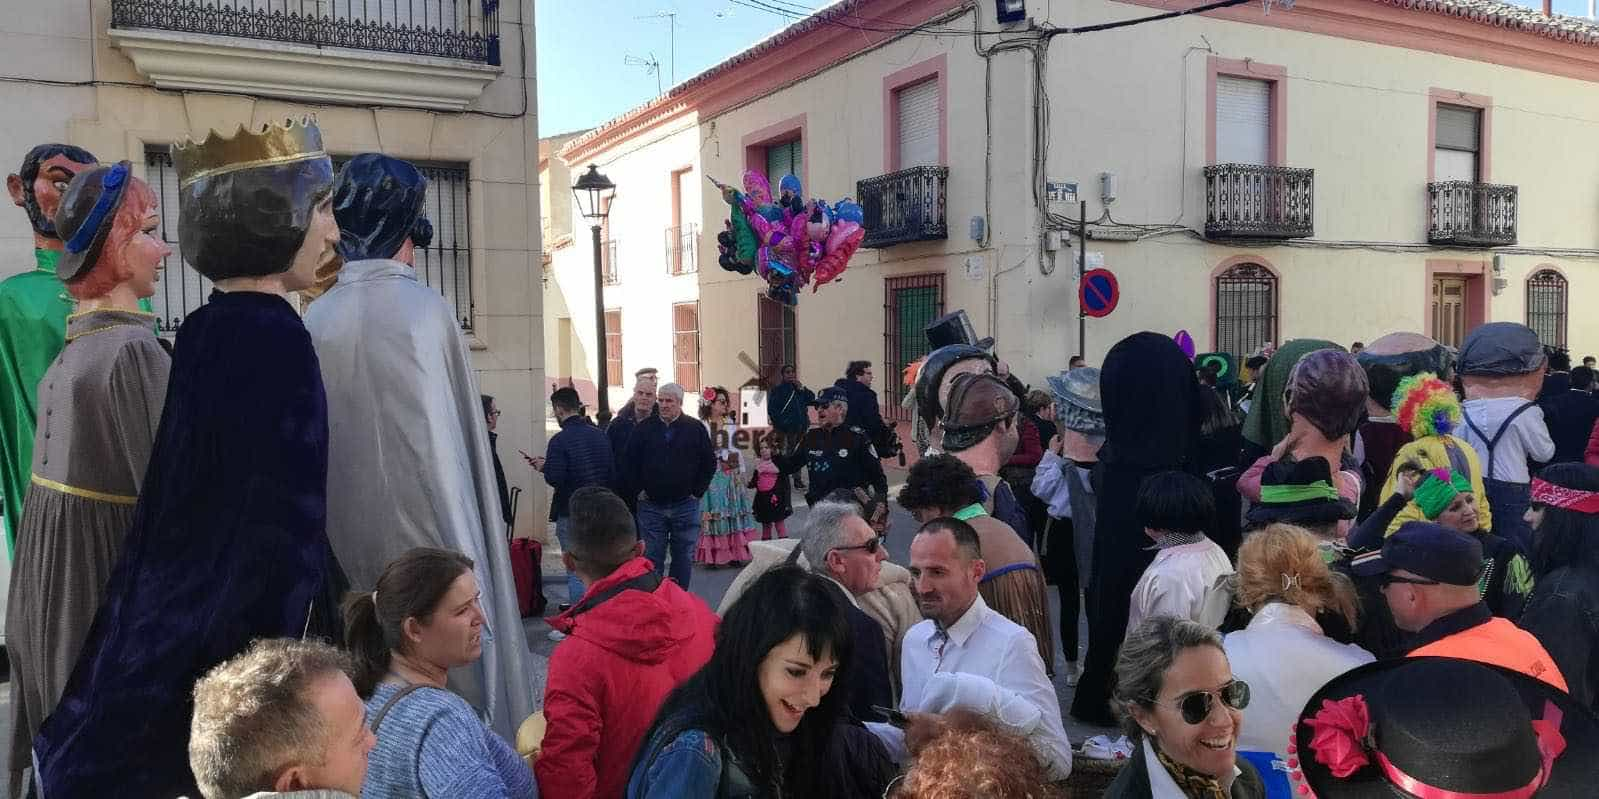 Carnaval herencia 2020 pasacalles domingo deseosas 30 - El Domingo de las Deseosas invita a todo el mundo al Carnaval de Herencia